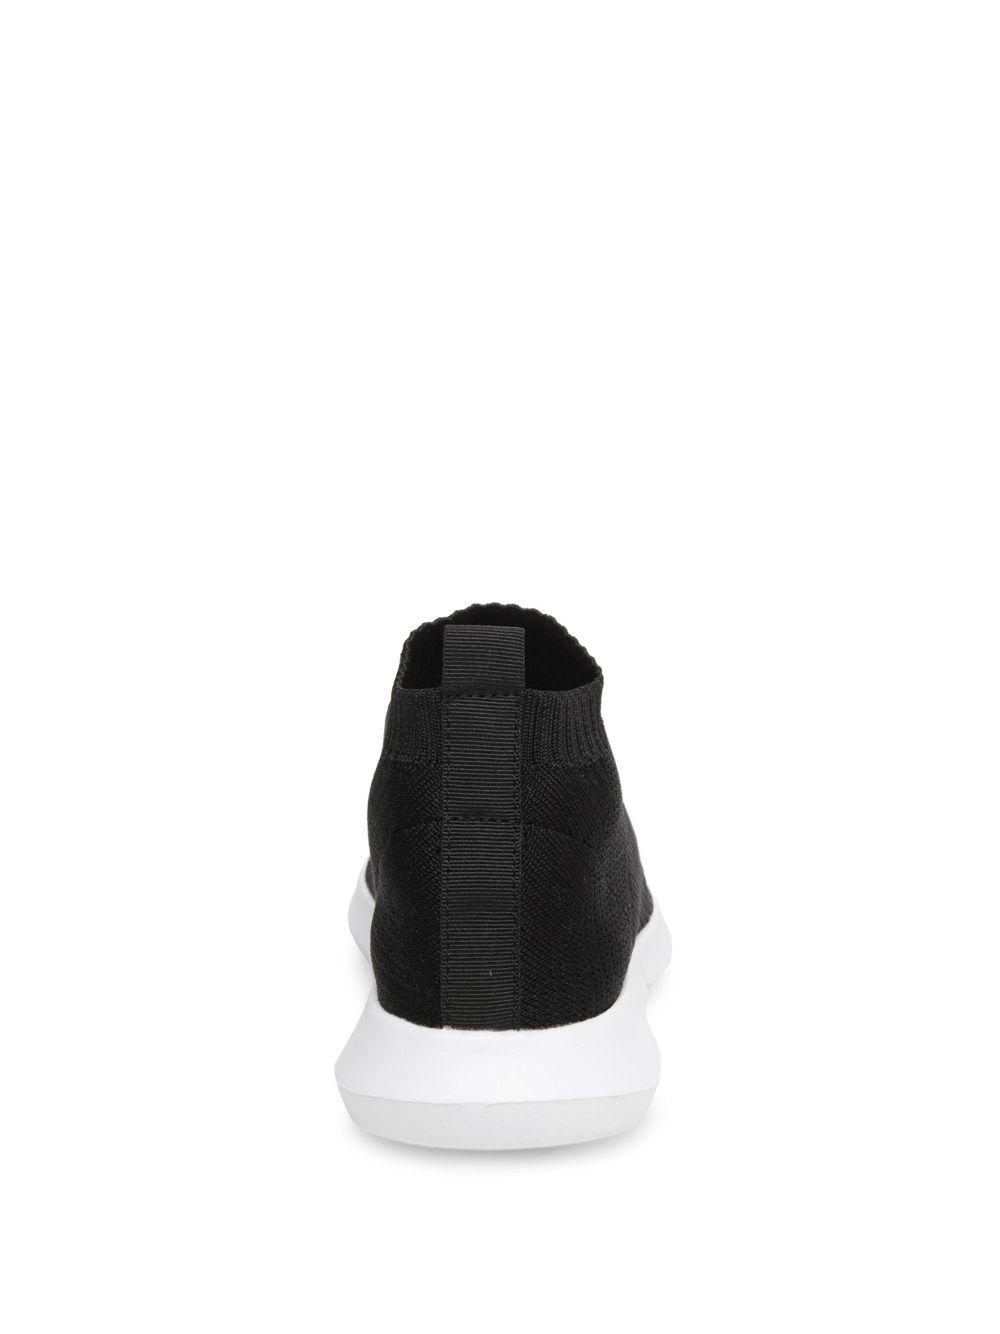 94daa4eff5e Lyst - Steven by Steve Madden Fabs Sneaker in Black - Save 61%